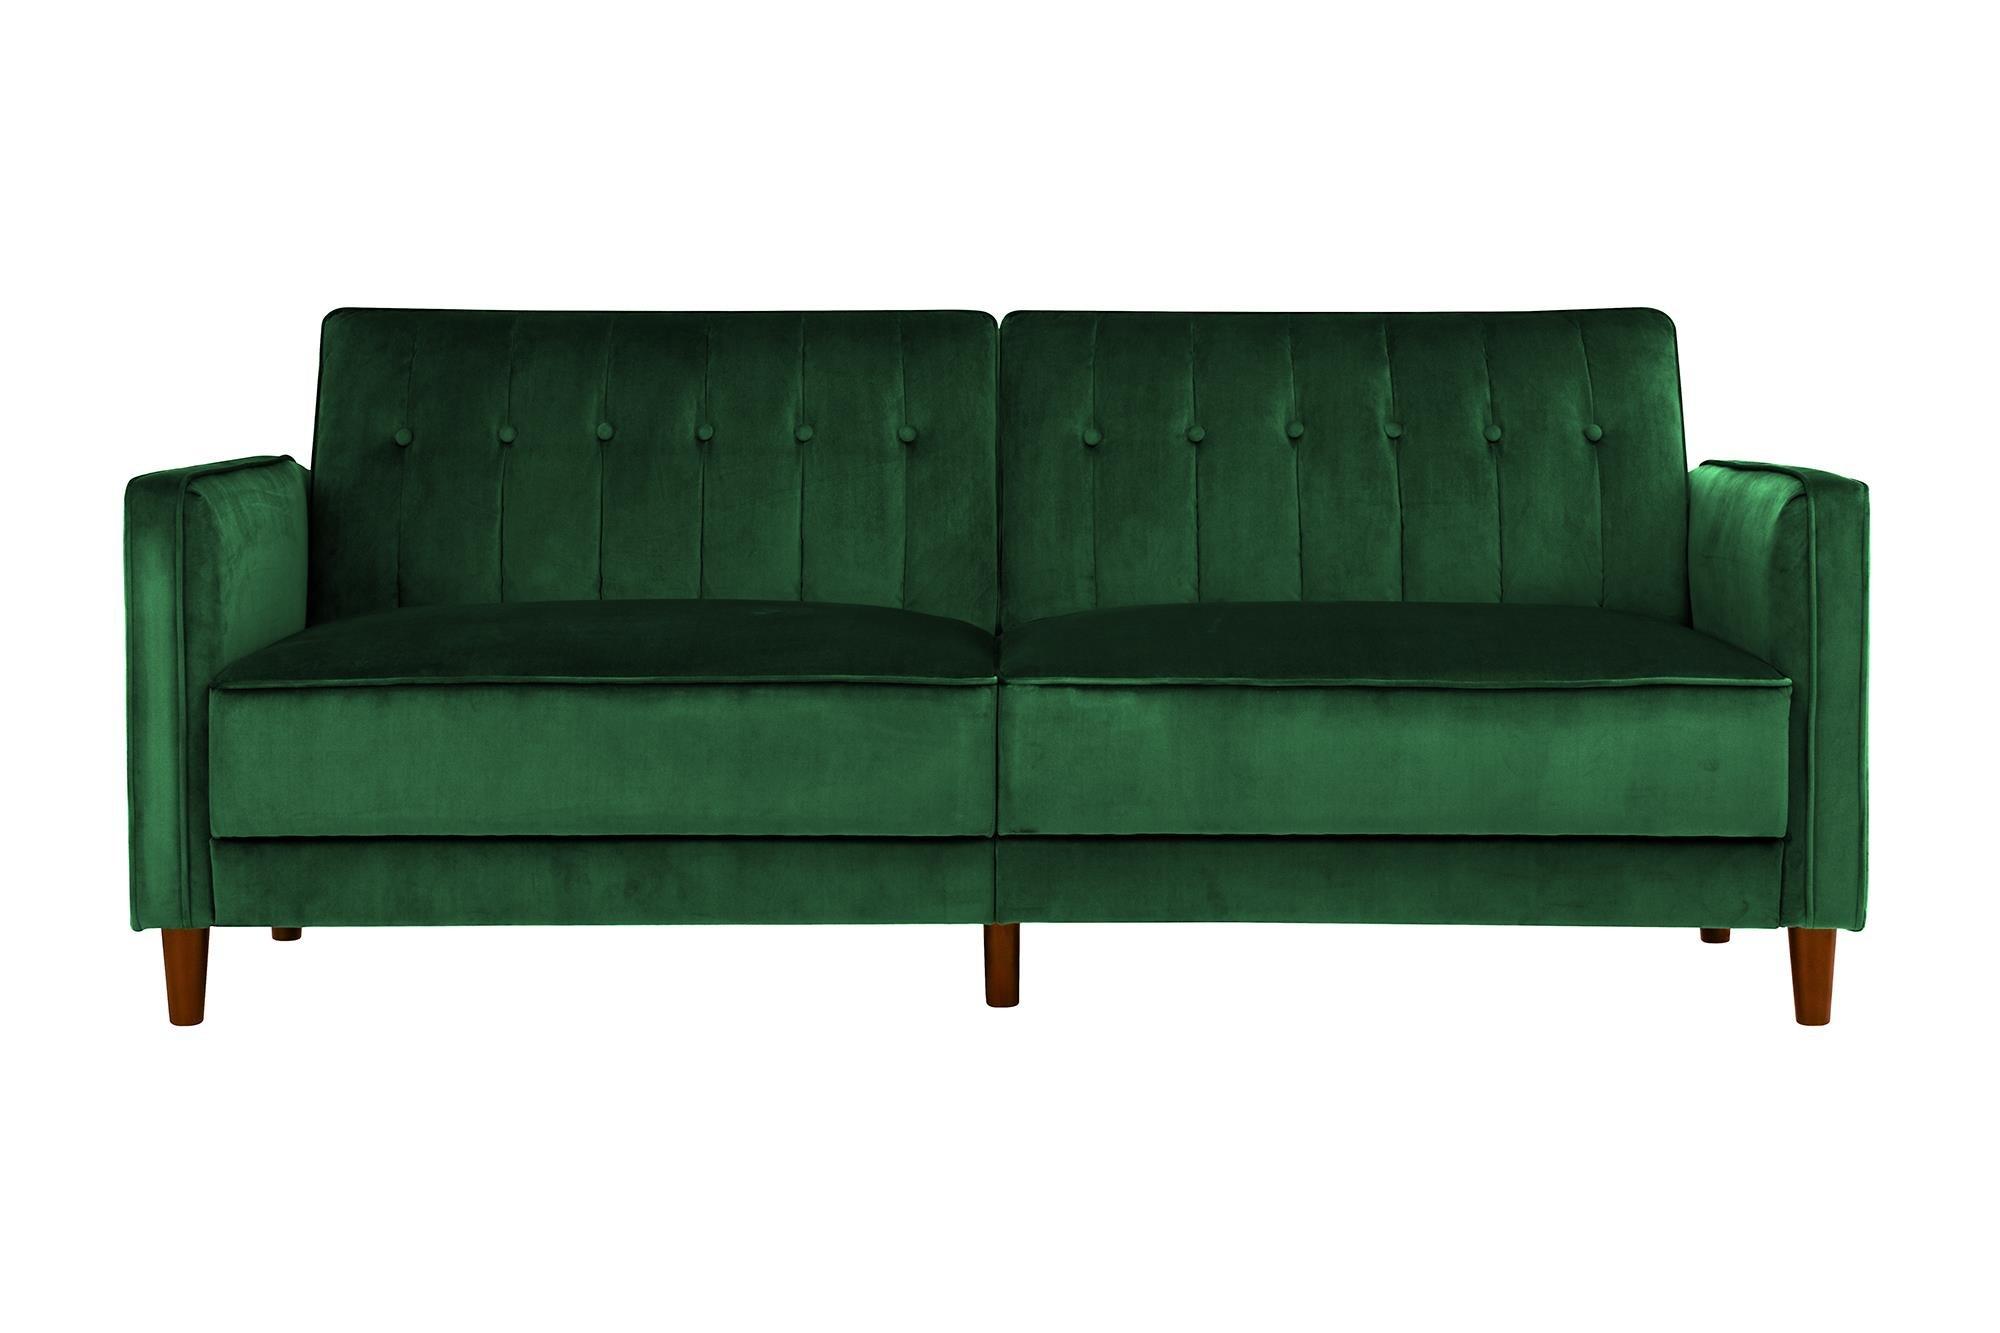 DHP Ivana Tufted Futon, Green Velvet by DHP